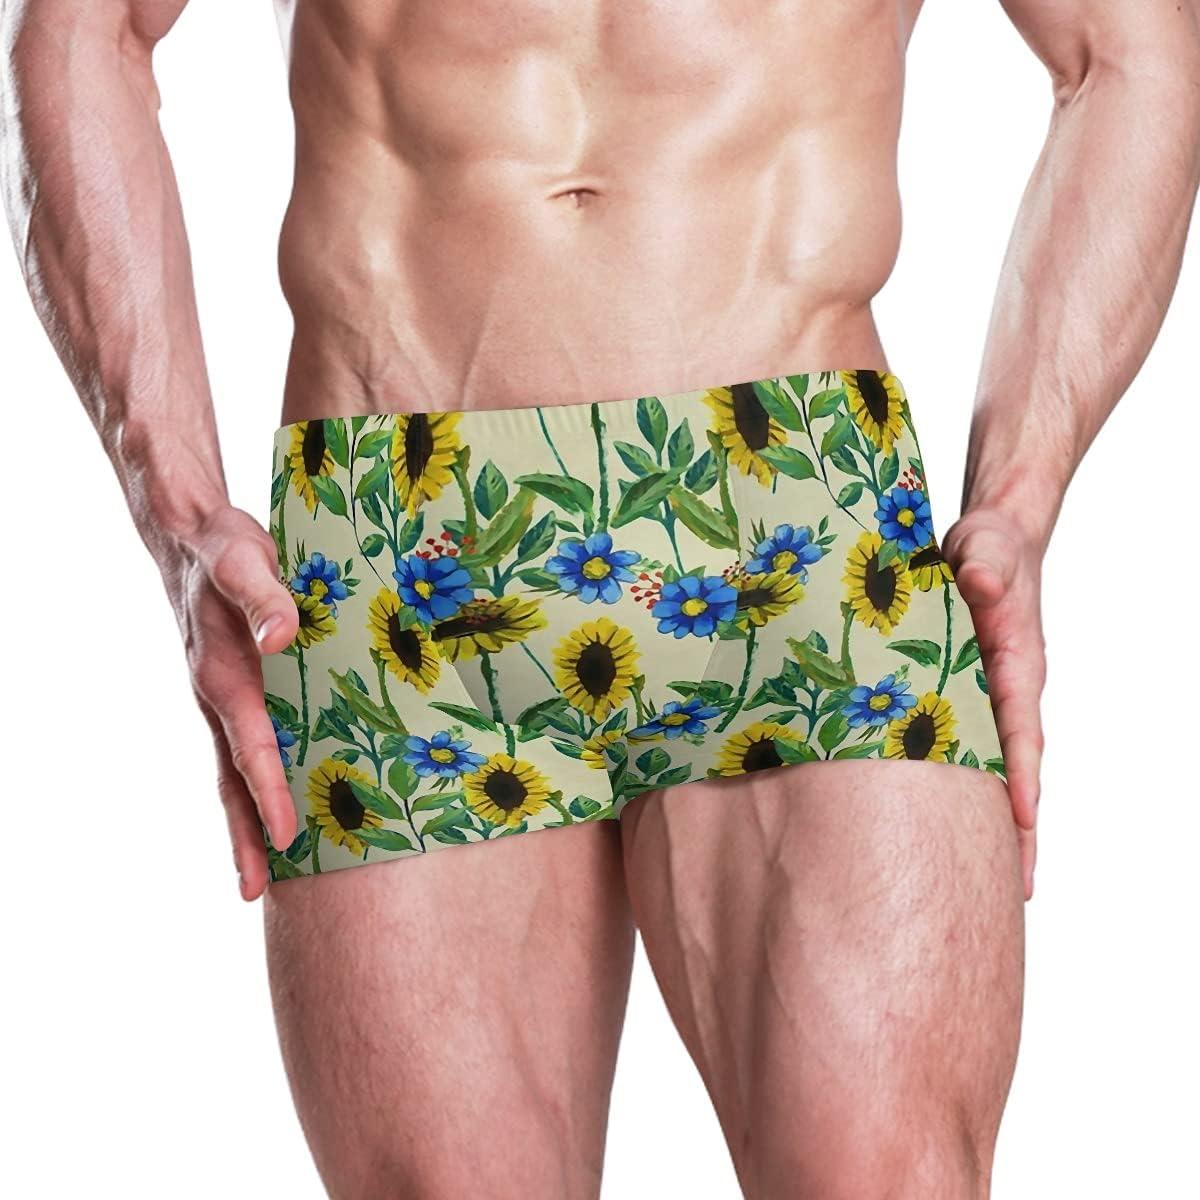 Boxer Swim Trunks for Men Sunflowers Blue Floral Swimwear Special online shop sale item Bath S